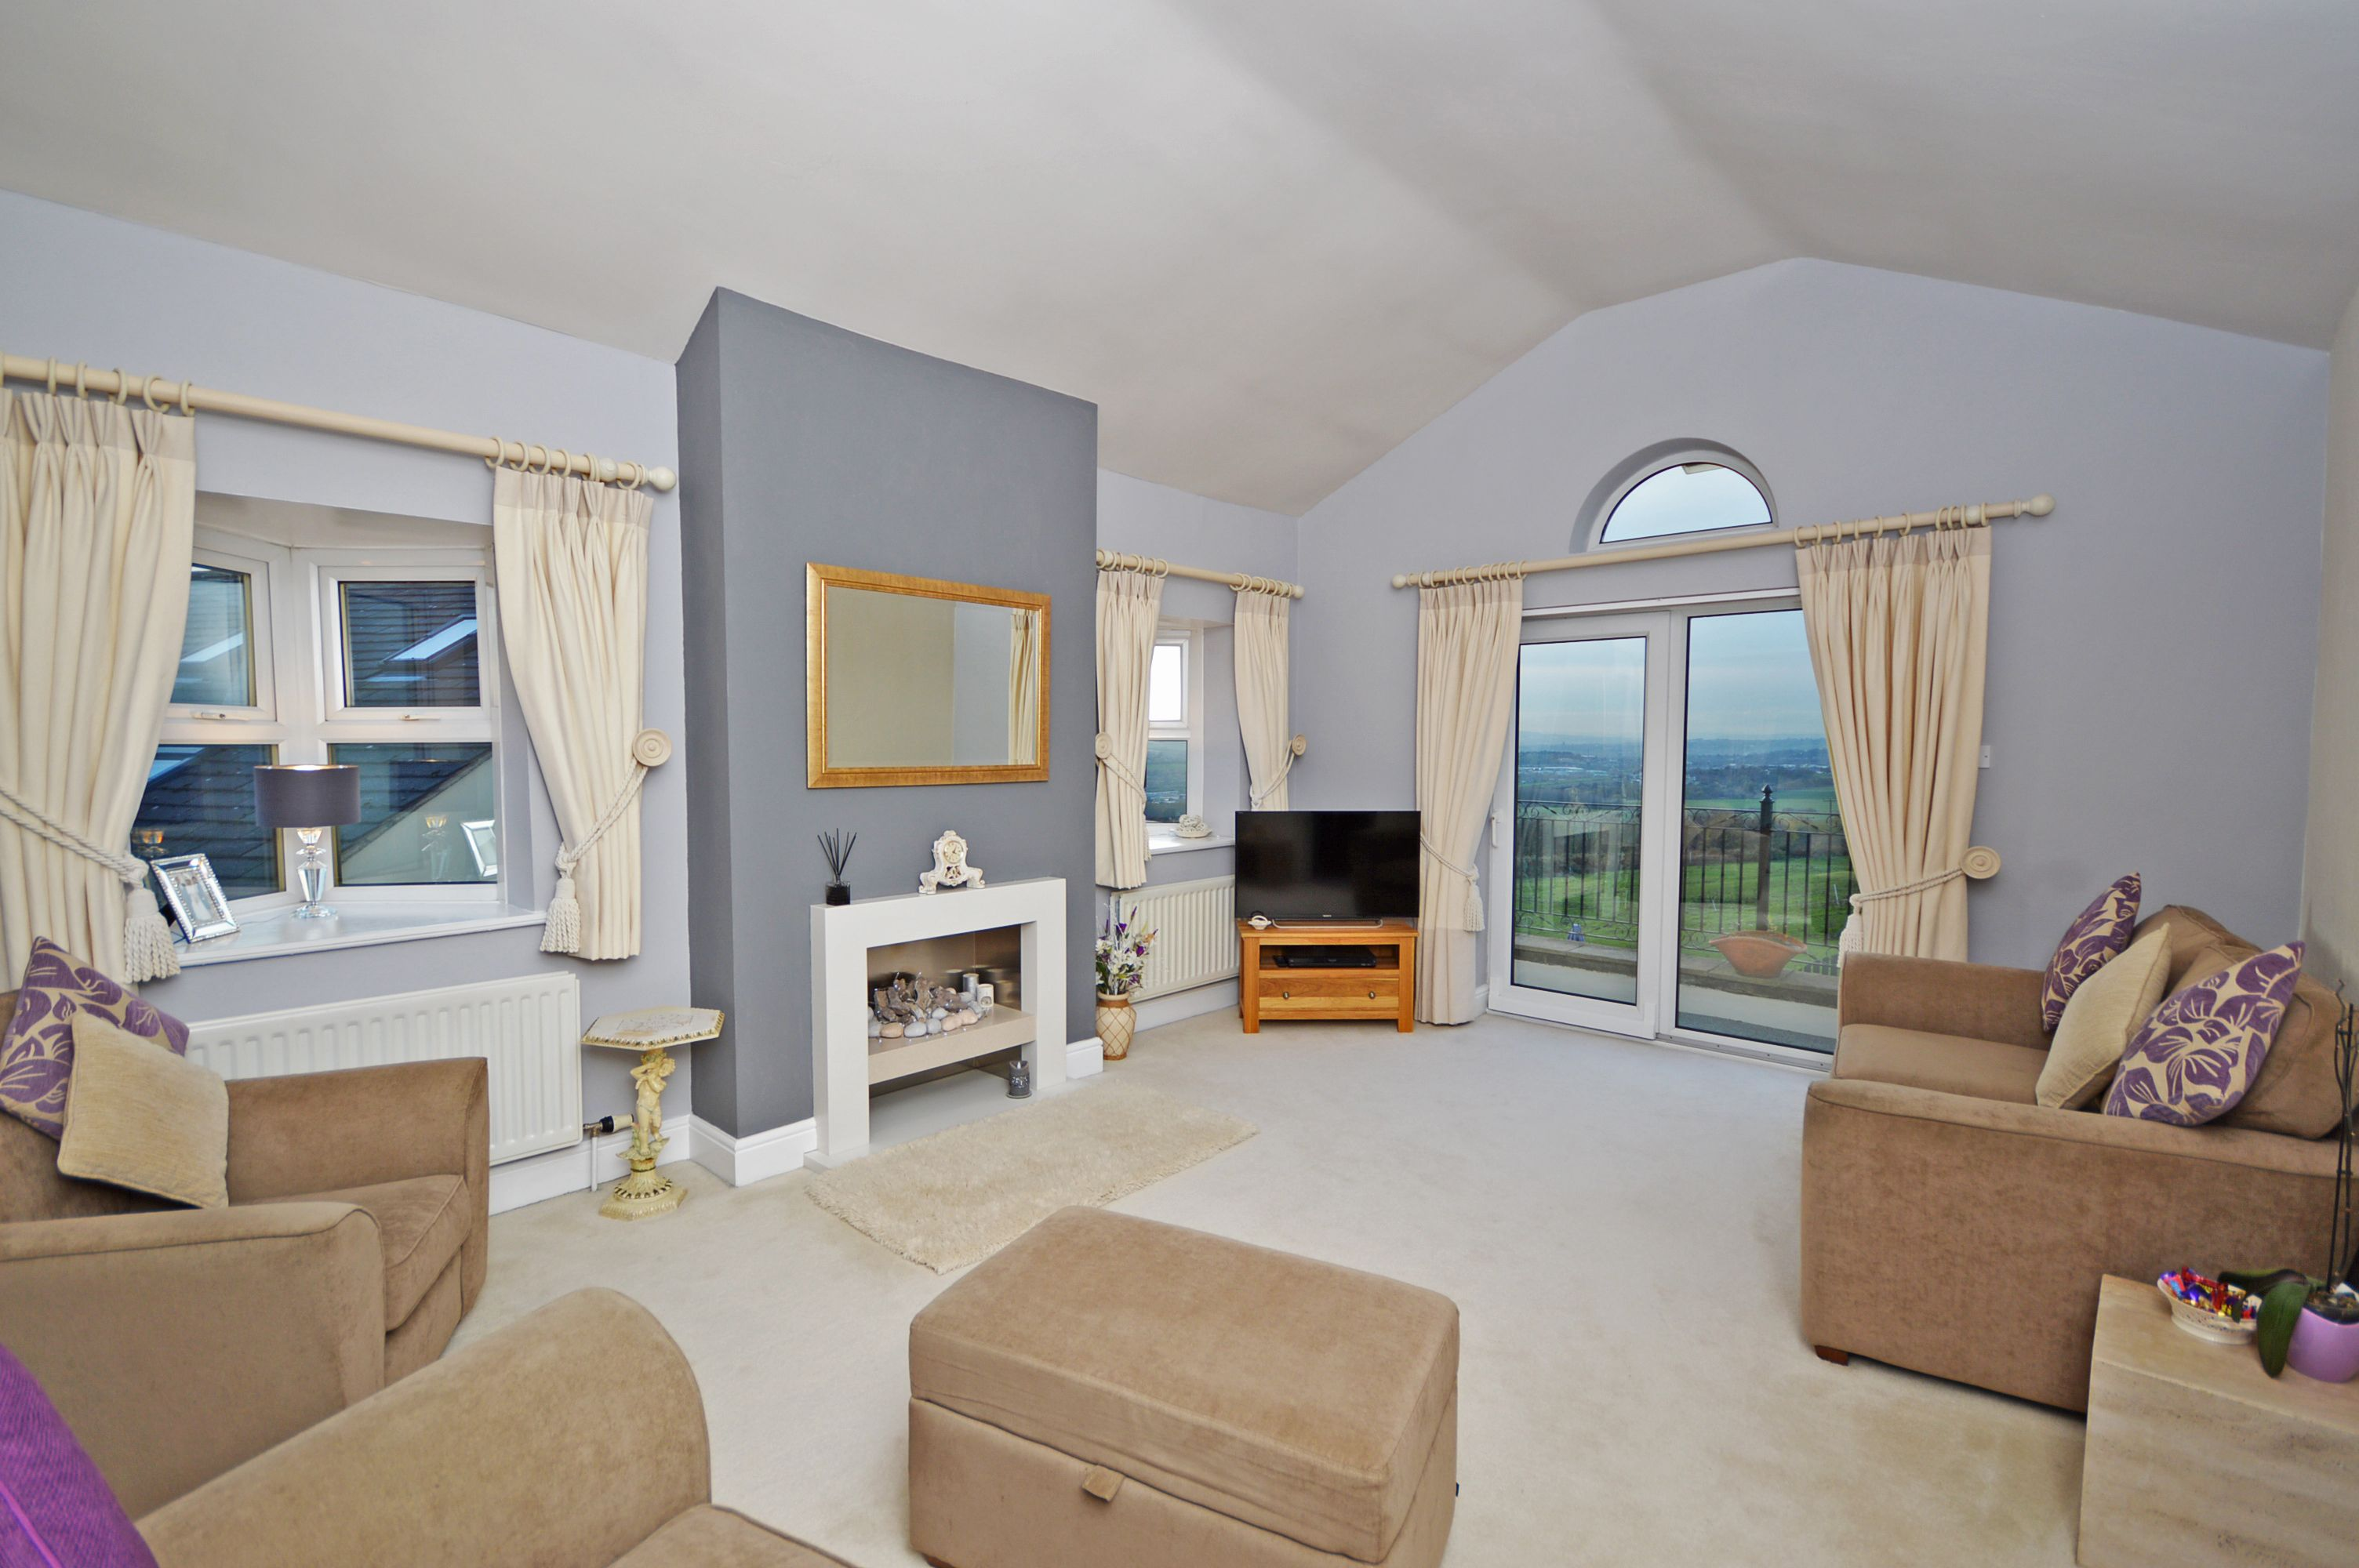 Living Room - The Highlands, Ossett - Property for sale ...